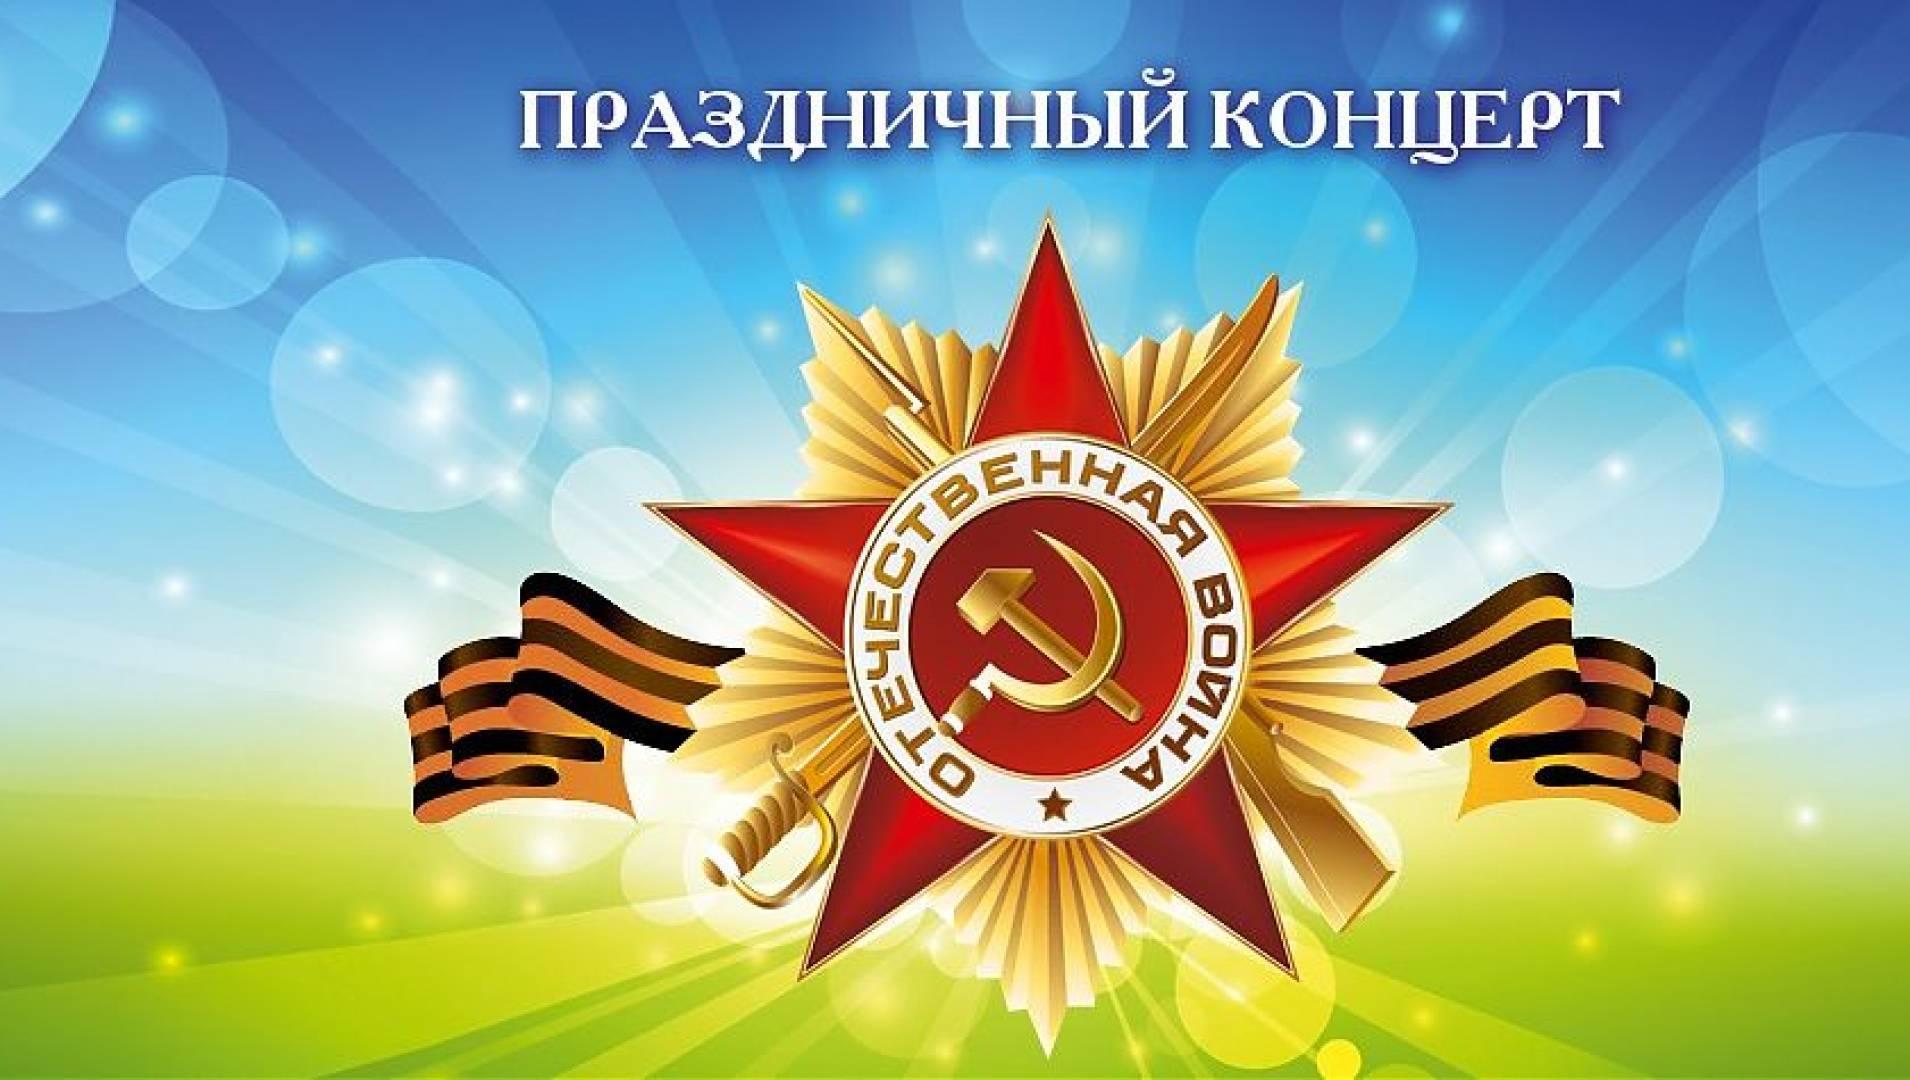 Москва. Кремль. Праздничный концерт ко Дню Победы - Концерт